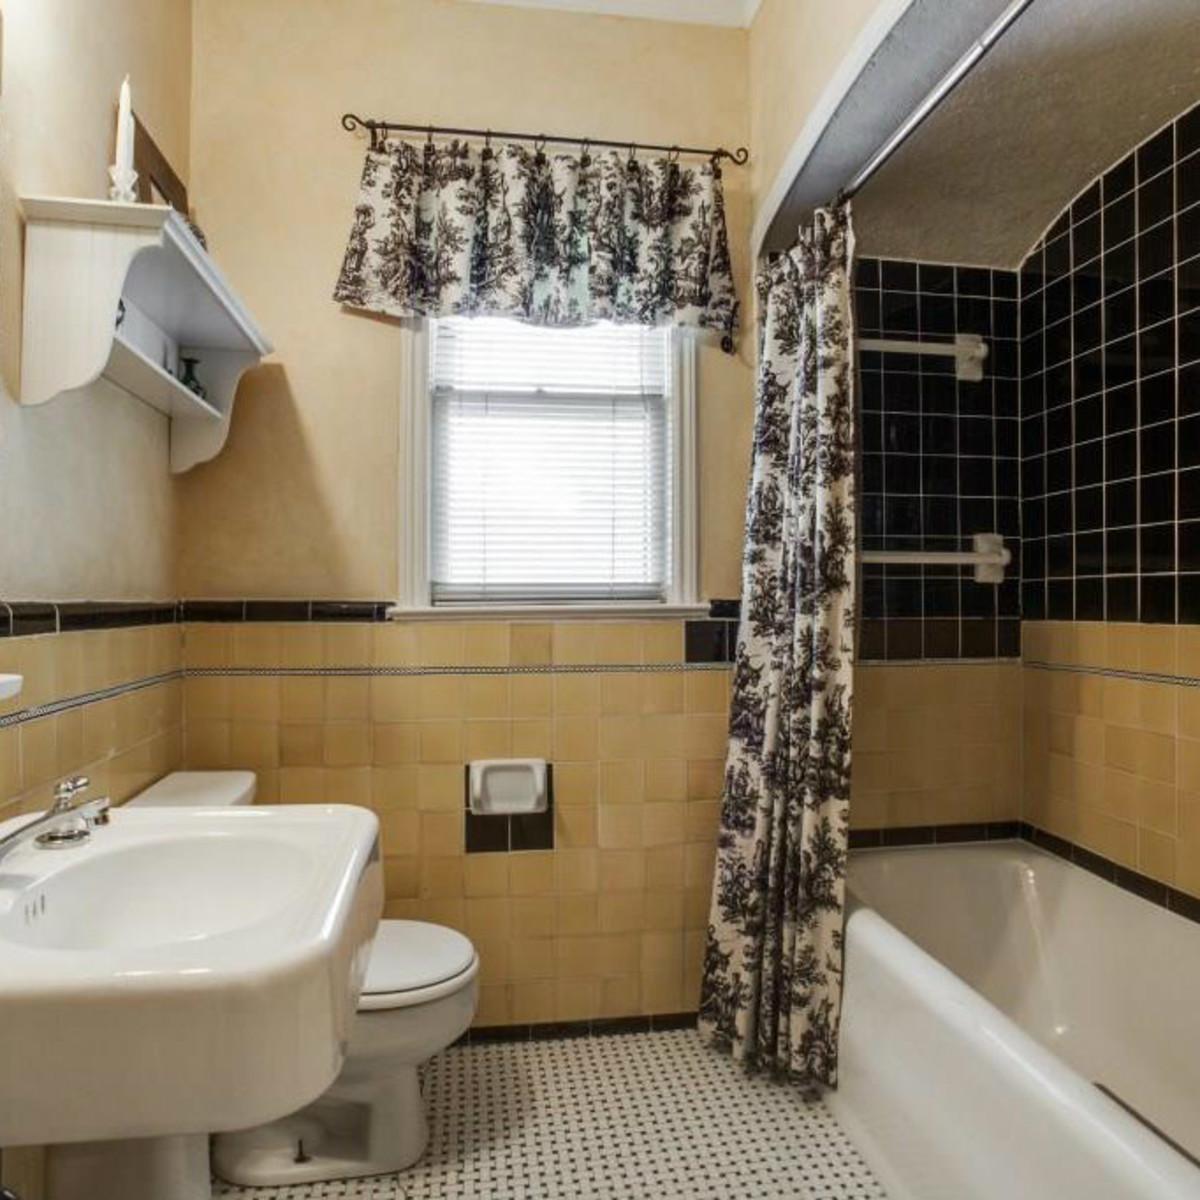 522 Monte Vista bathroom